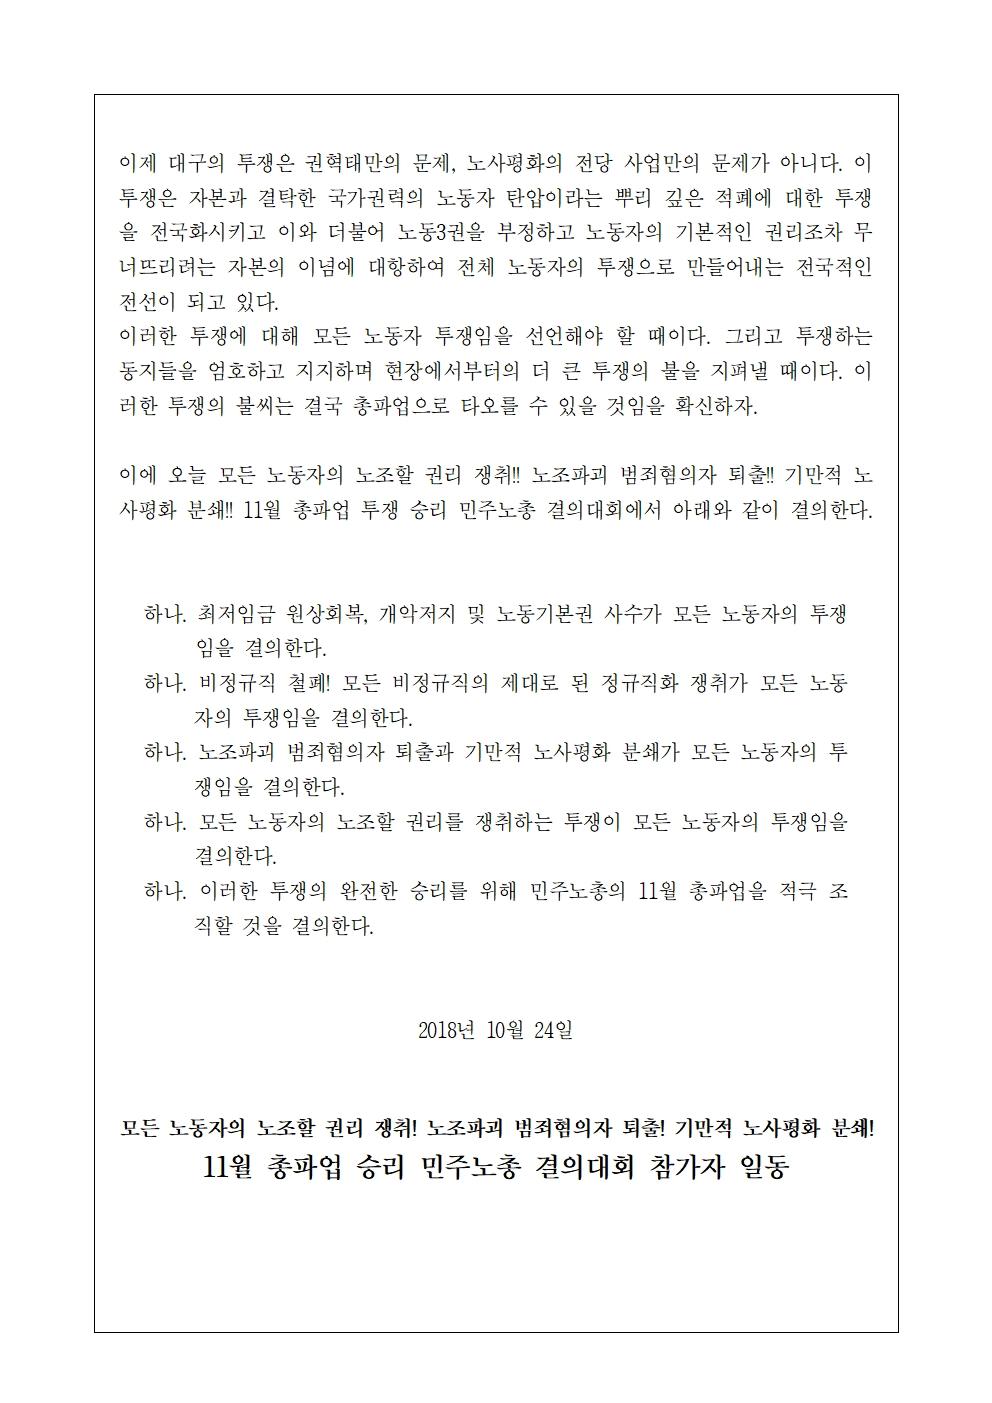 민주노총결의대회결의문002.jpg